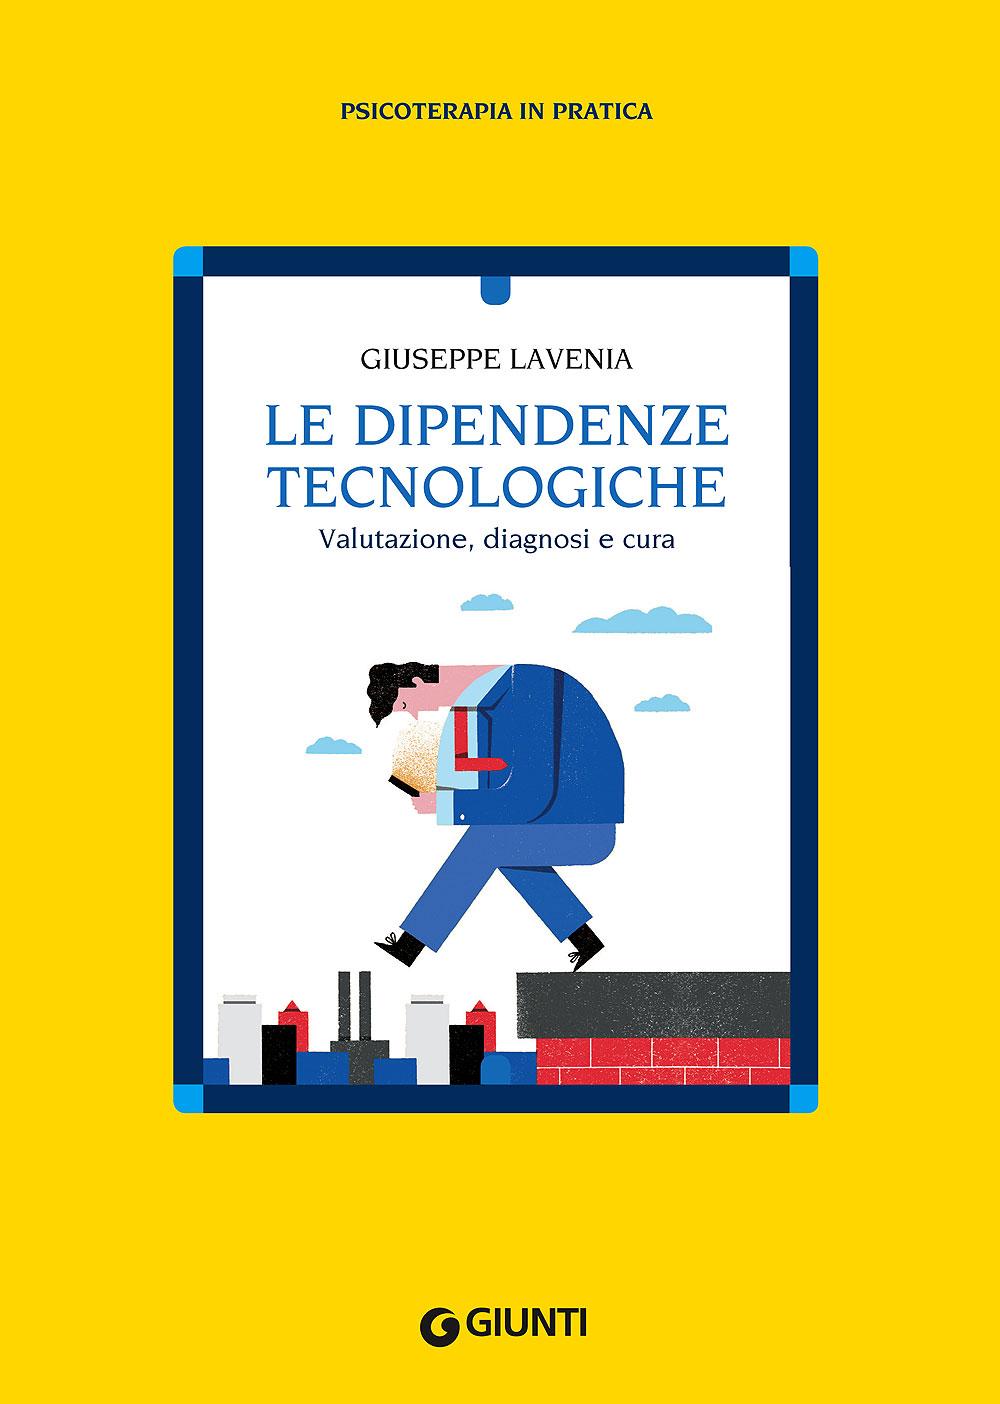 Le dipendenze tecnologiche